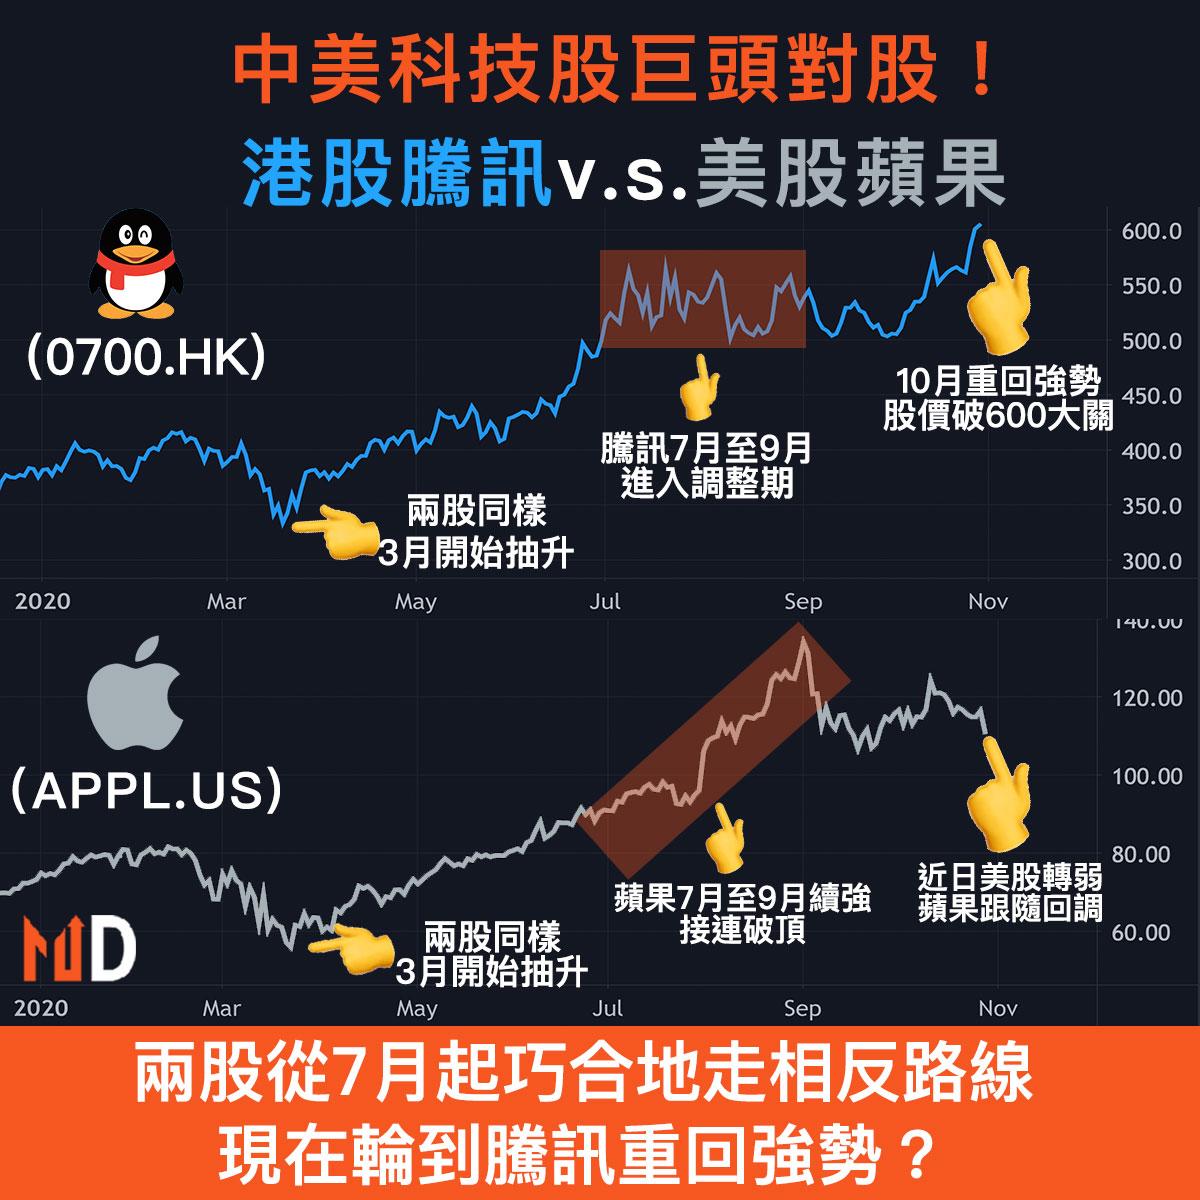 港股騰訊與美股蘋果是兩大巨頭